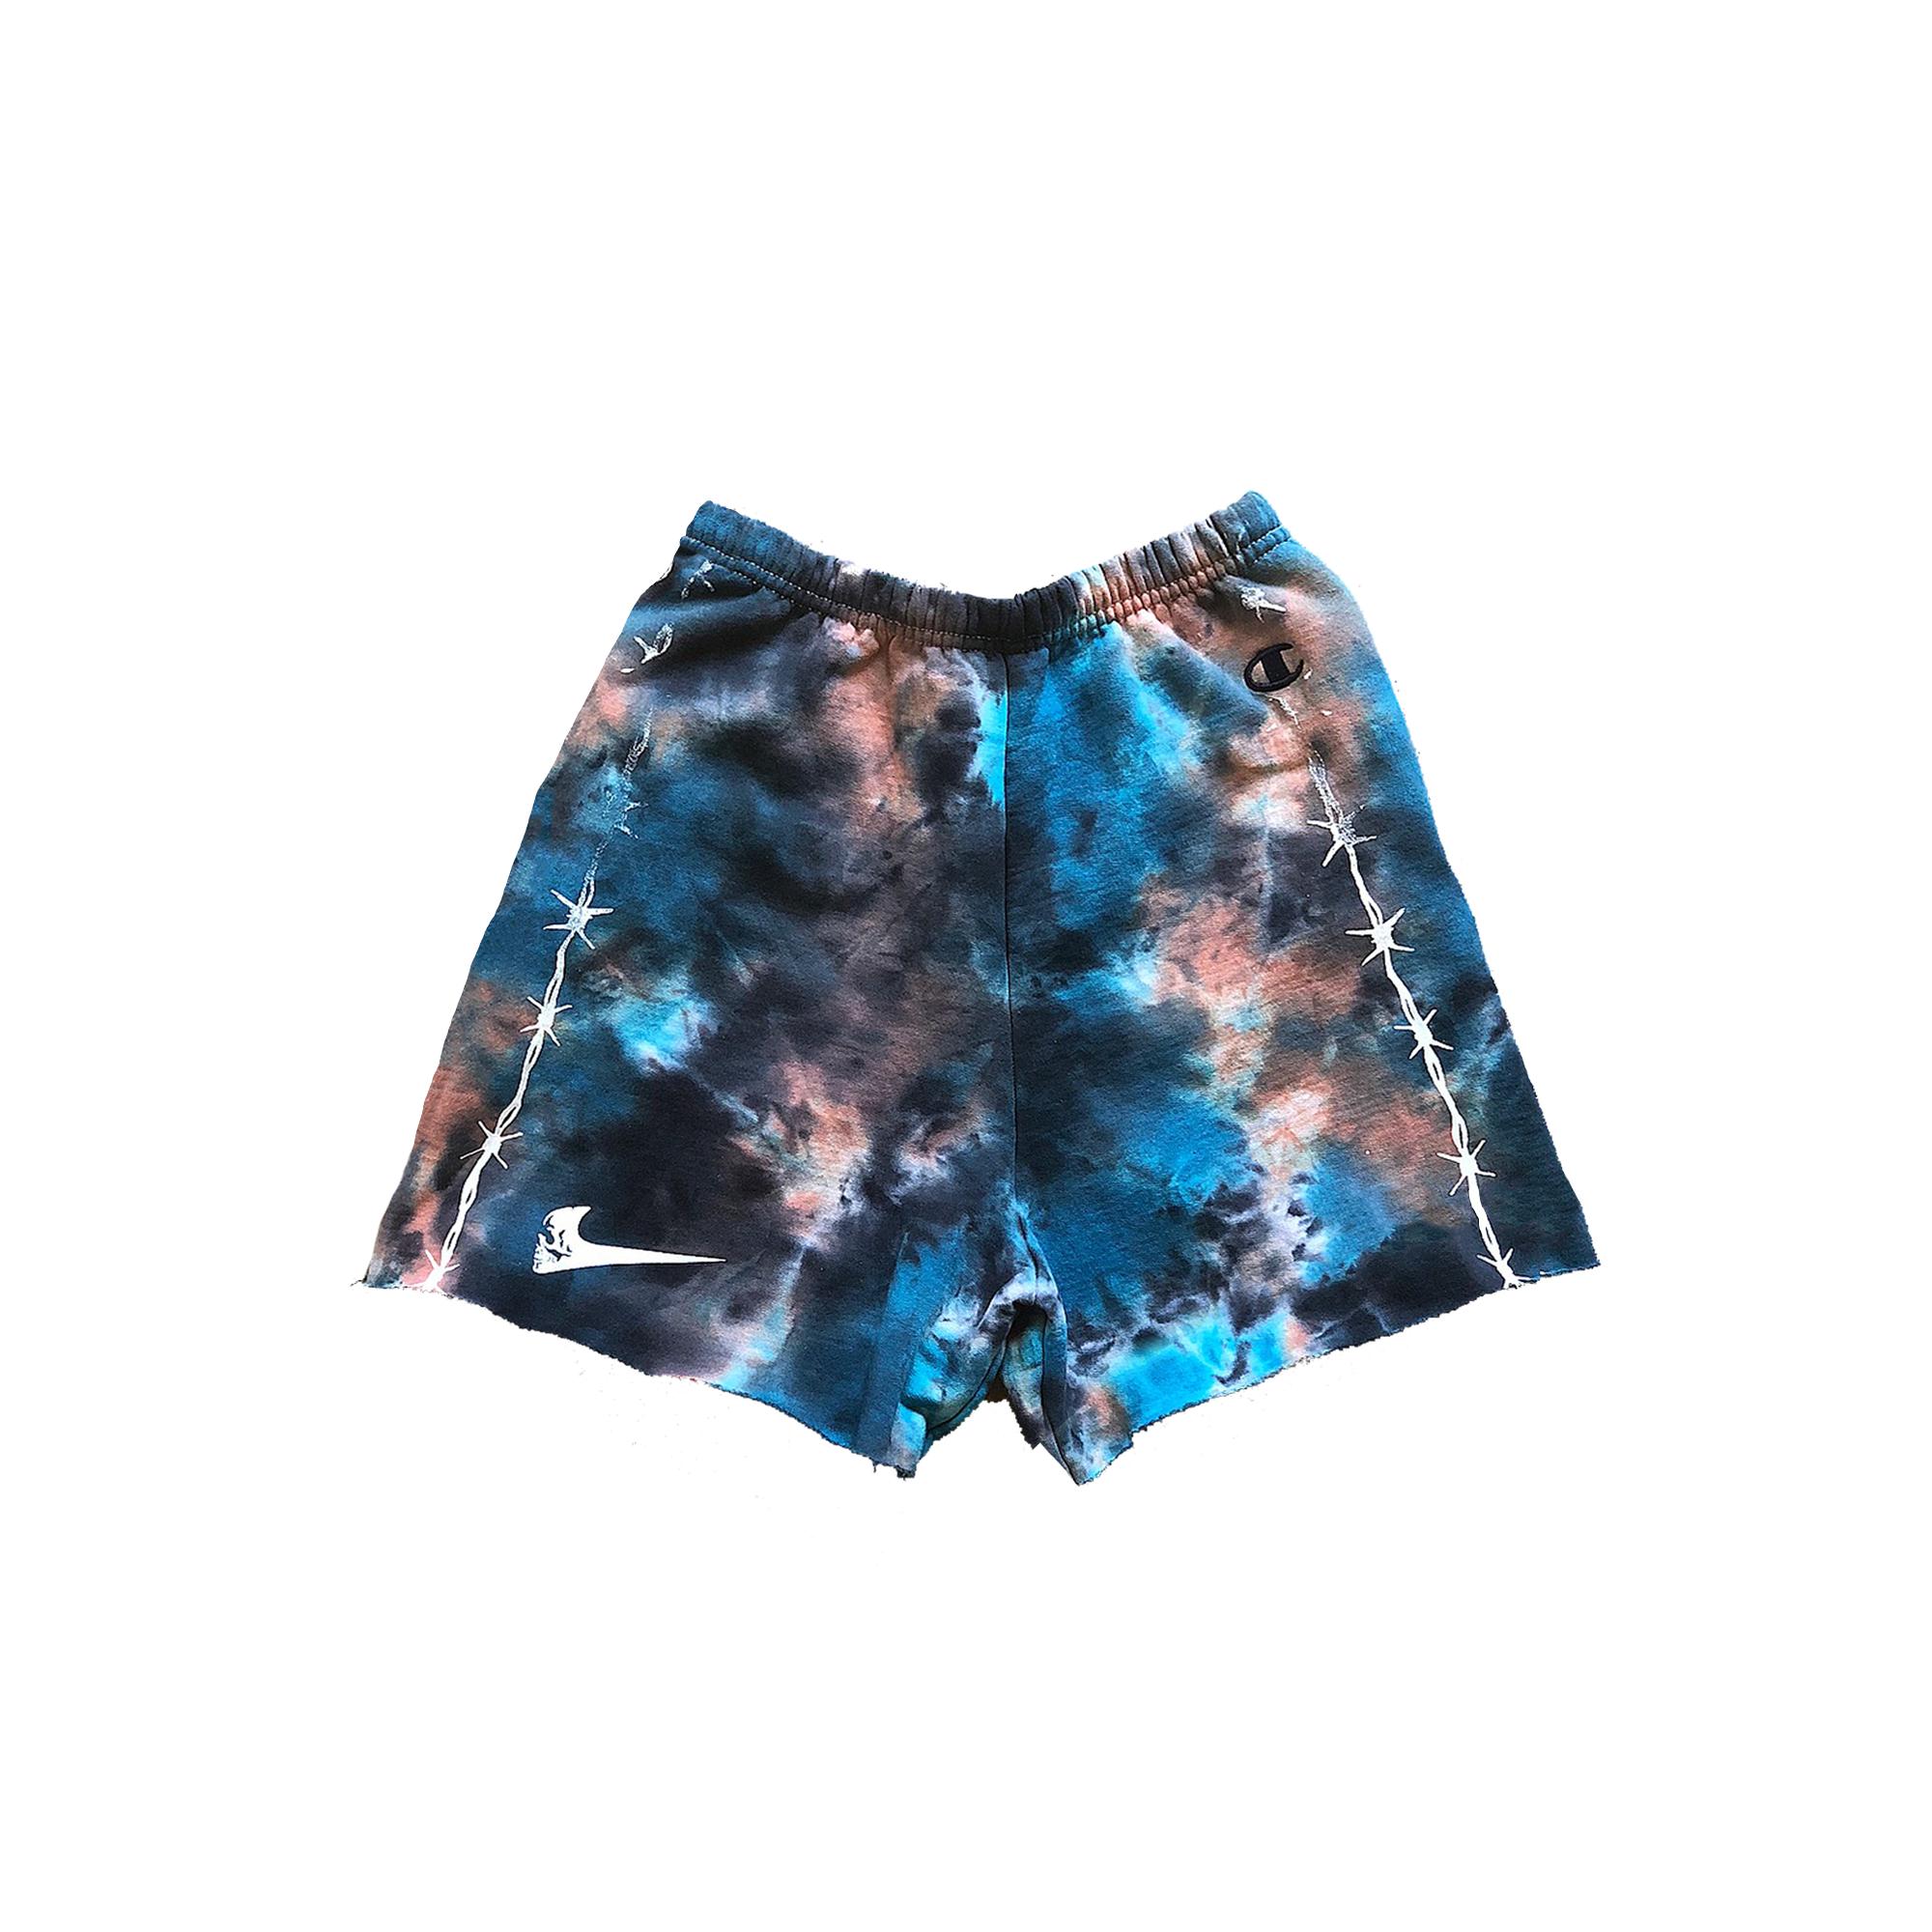 Shorts-2-2.png